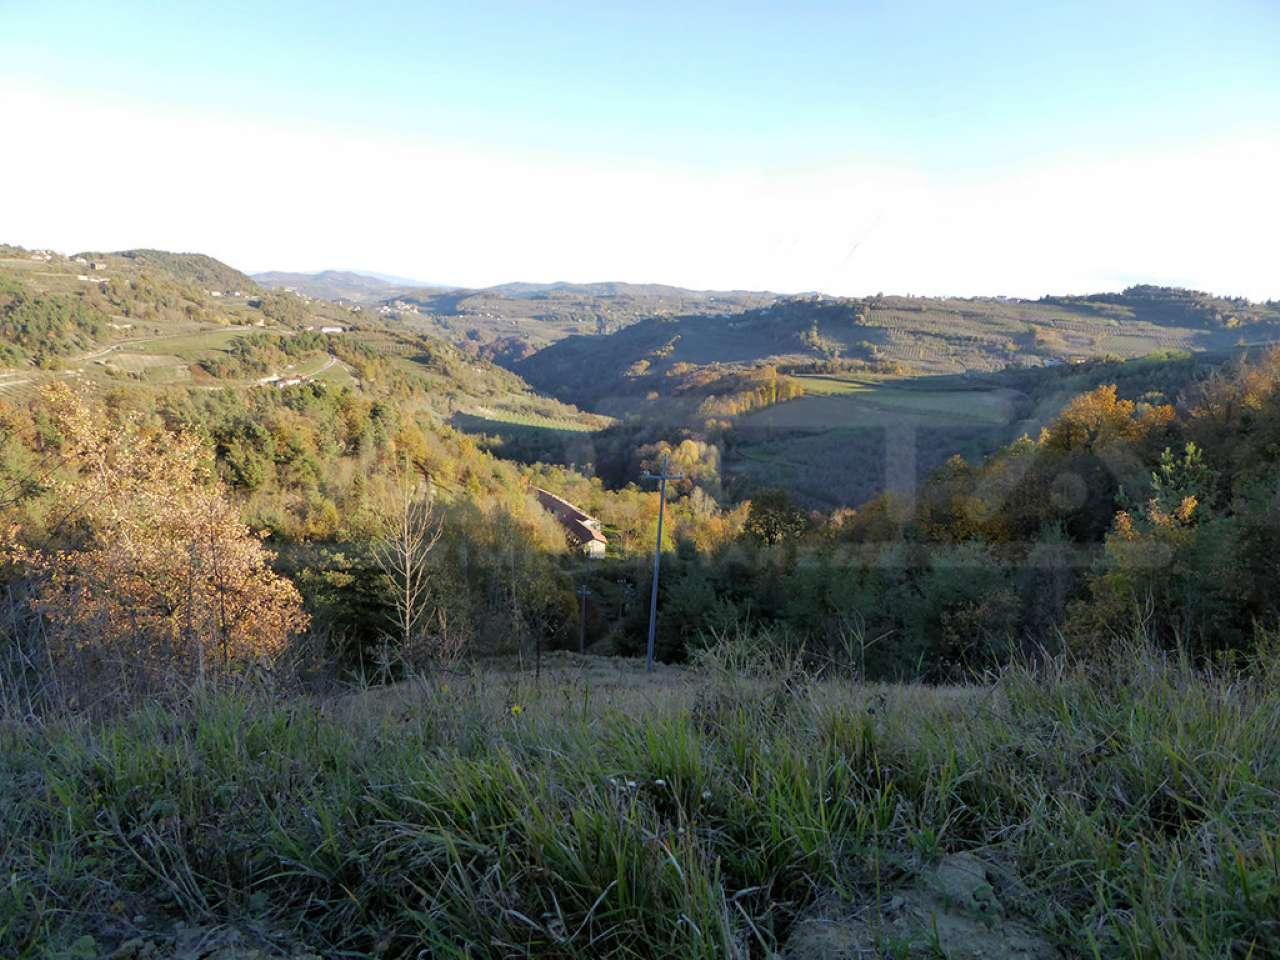 Terreno Agricolo in vendita a Bossolasco, 10 locali, prezzo € 535.000 | CambioCasa.it